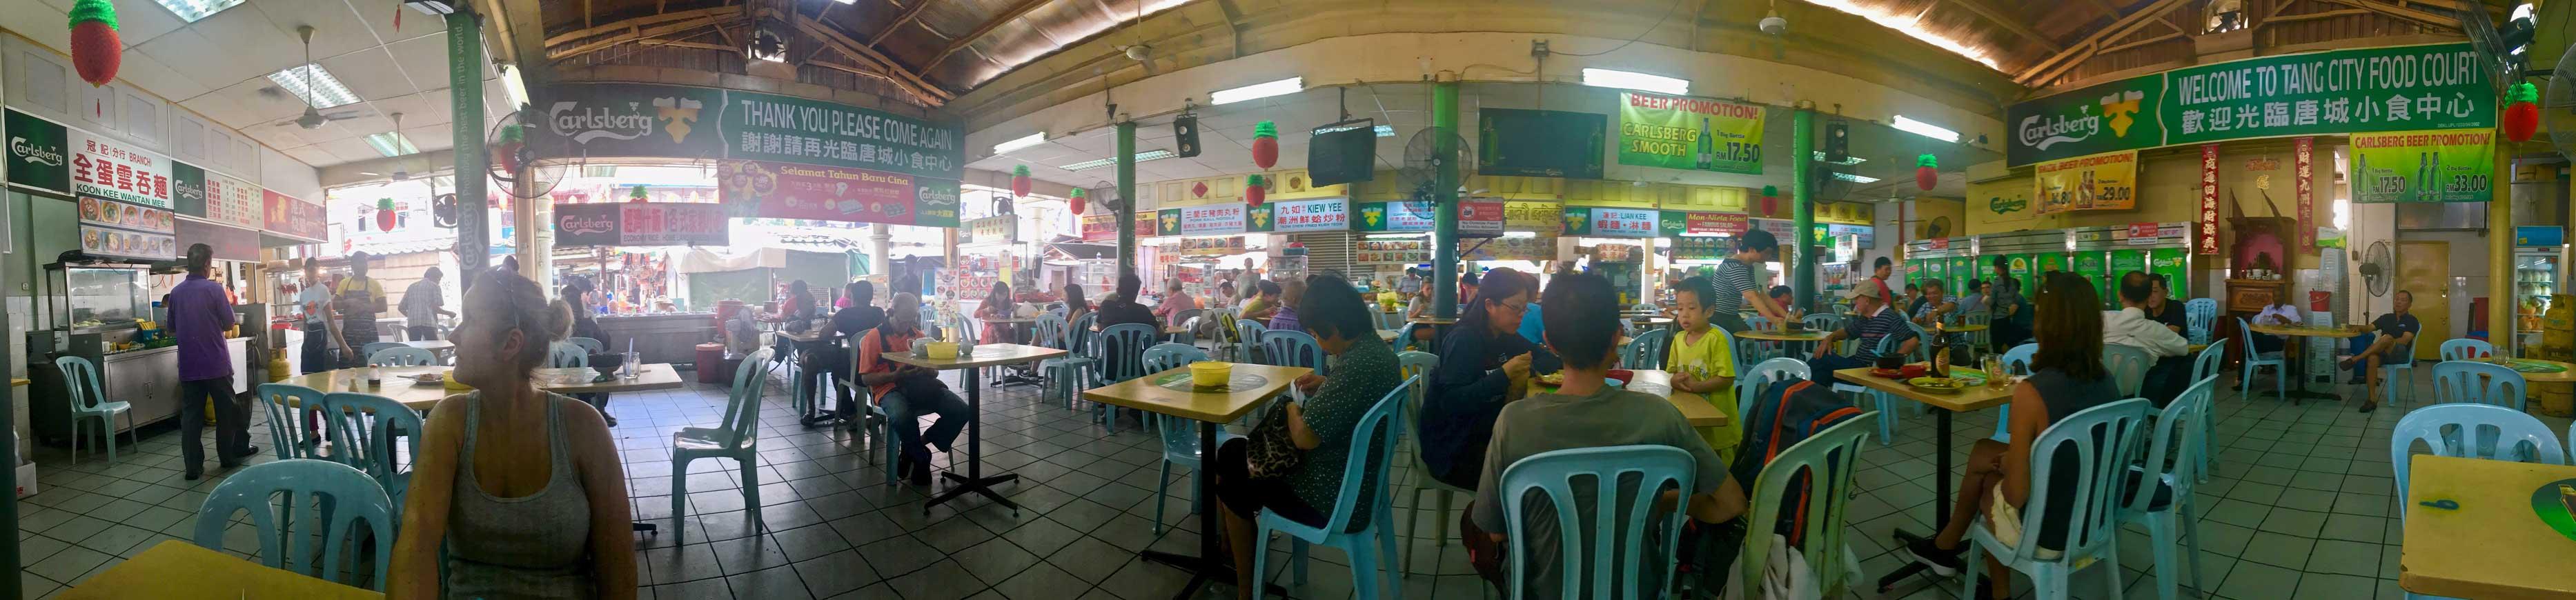 food court chinatown kuala lumpur